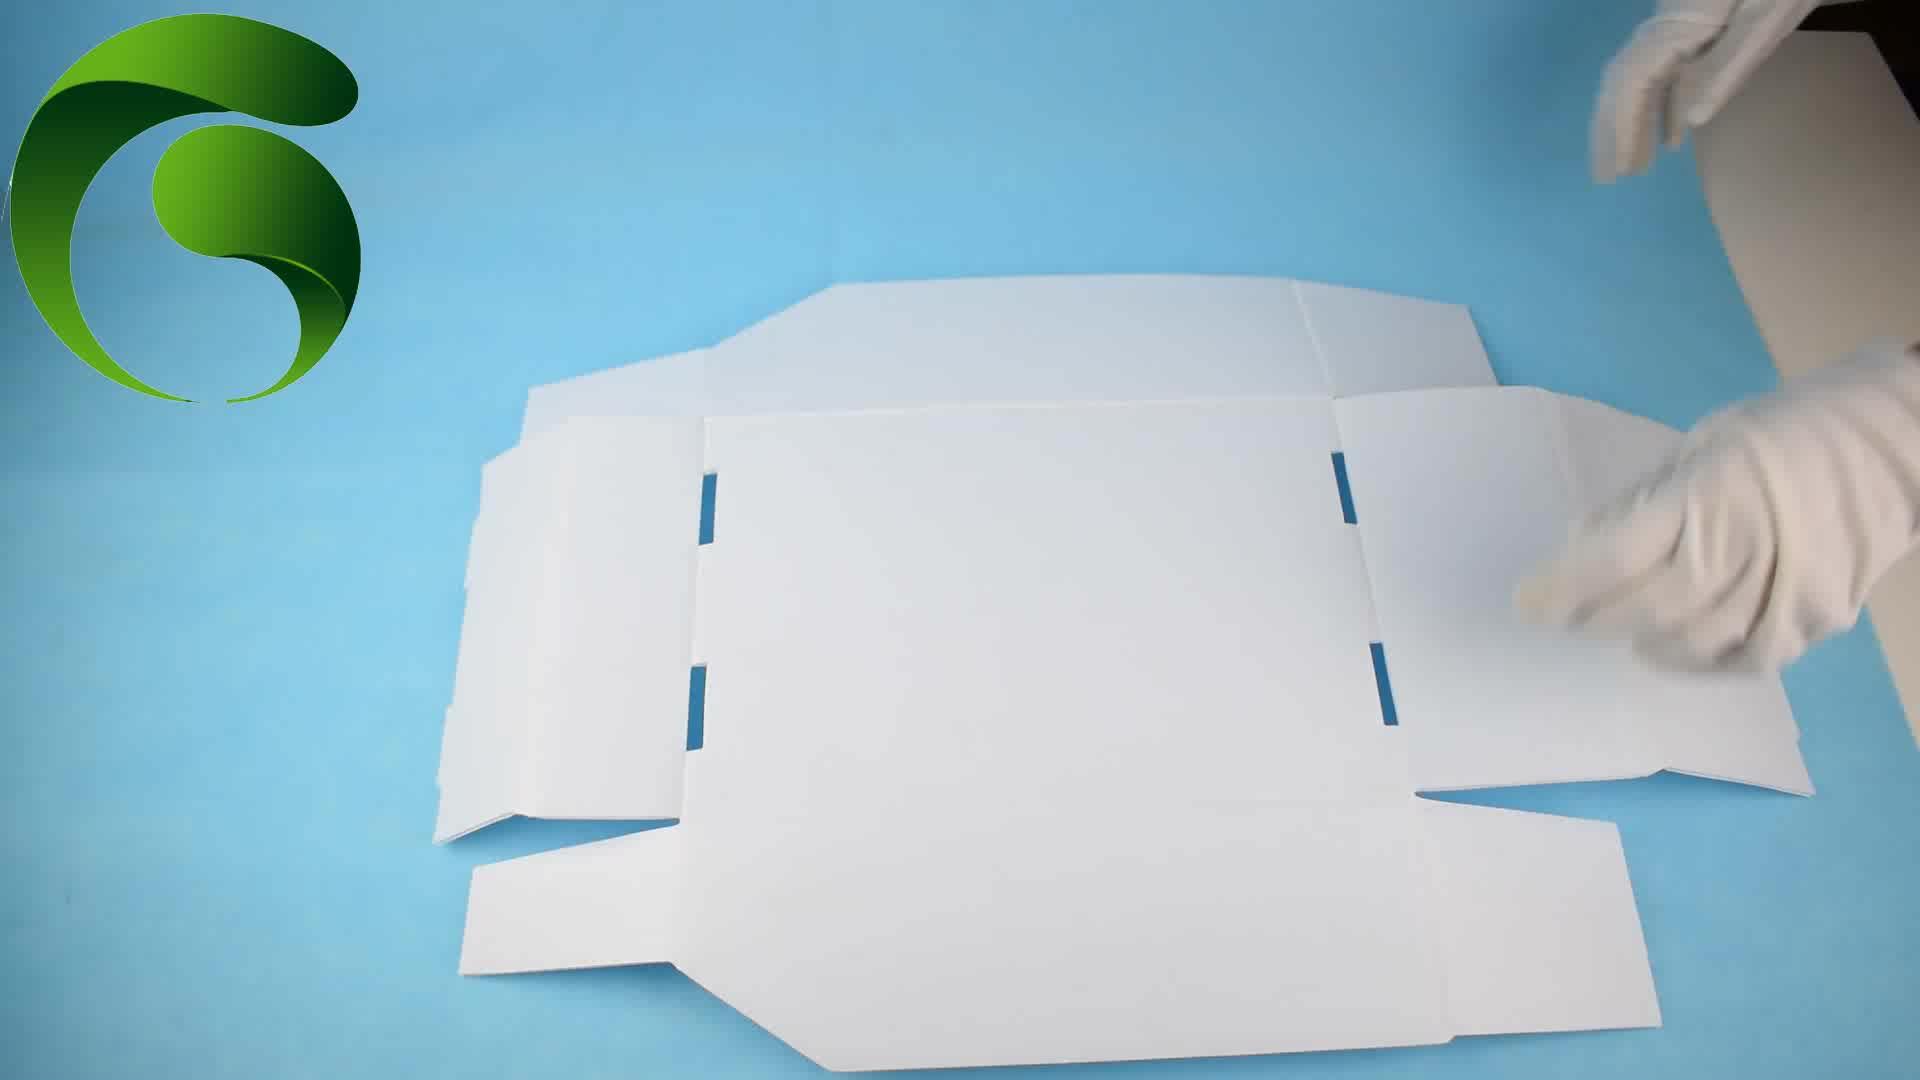 Grau alimentício pp Corflute coroplast board Caixa De Embalagem De Produtos Hortícolas